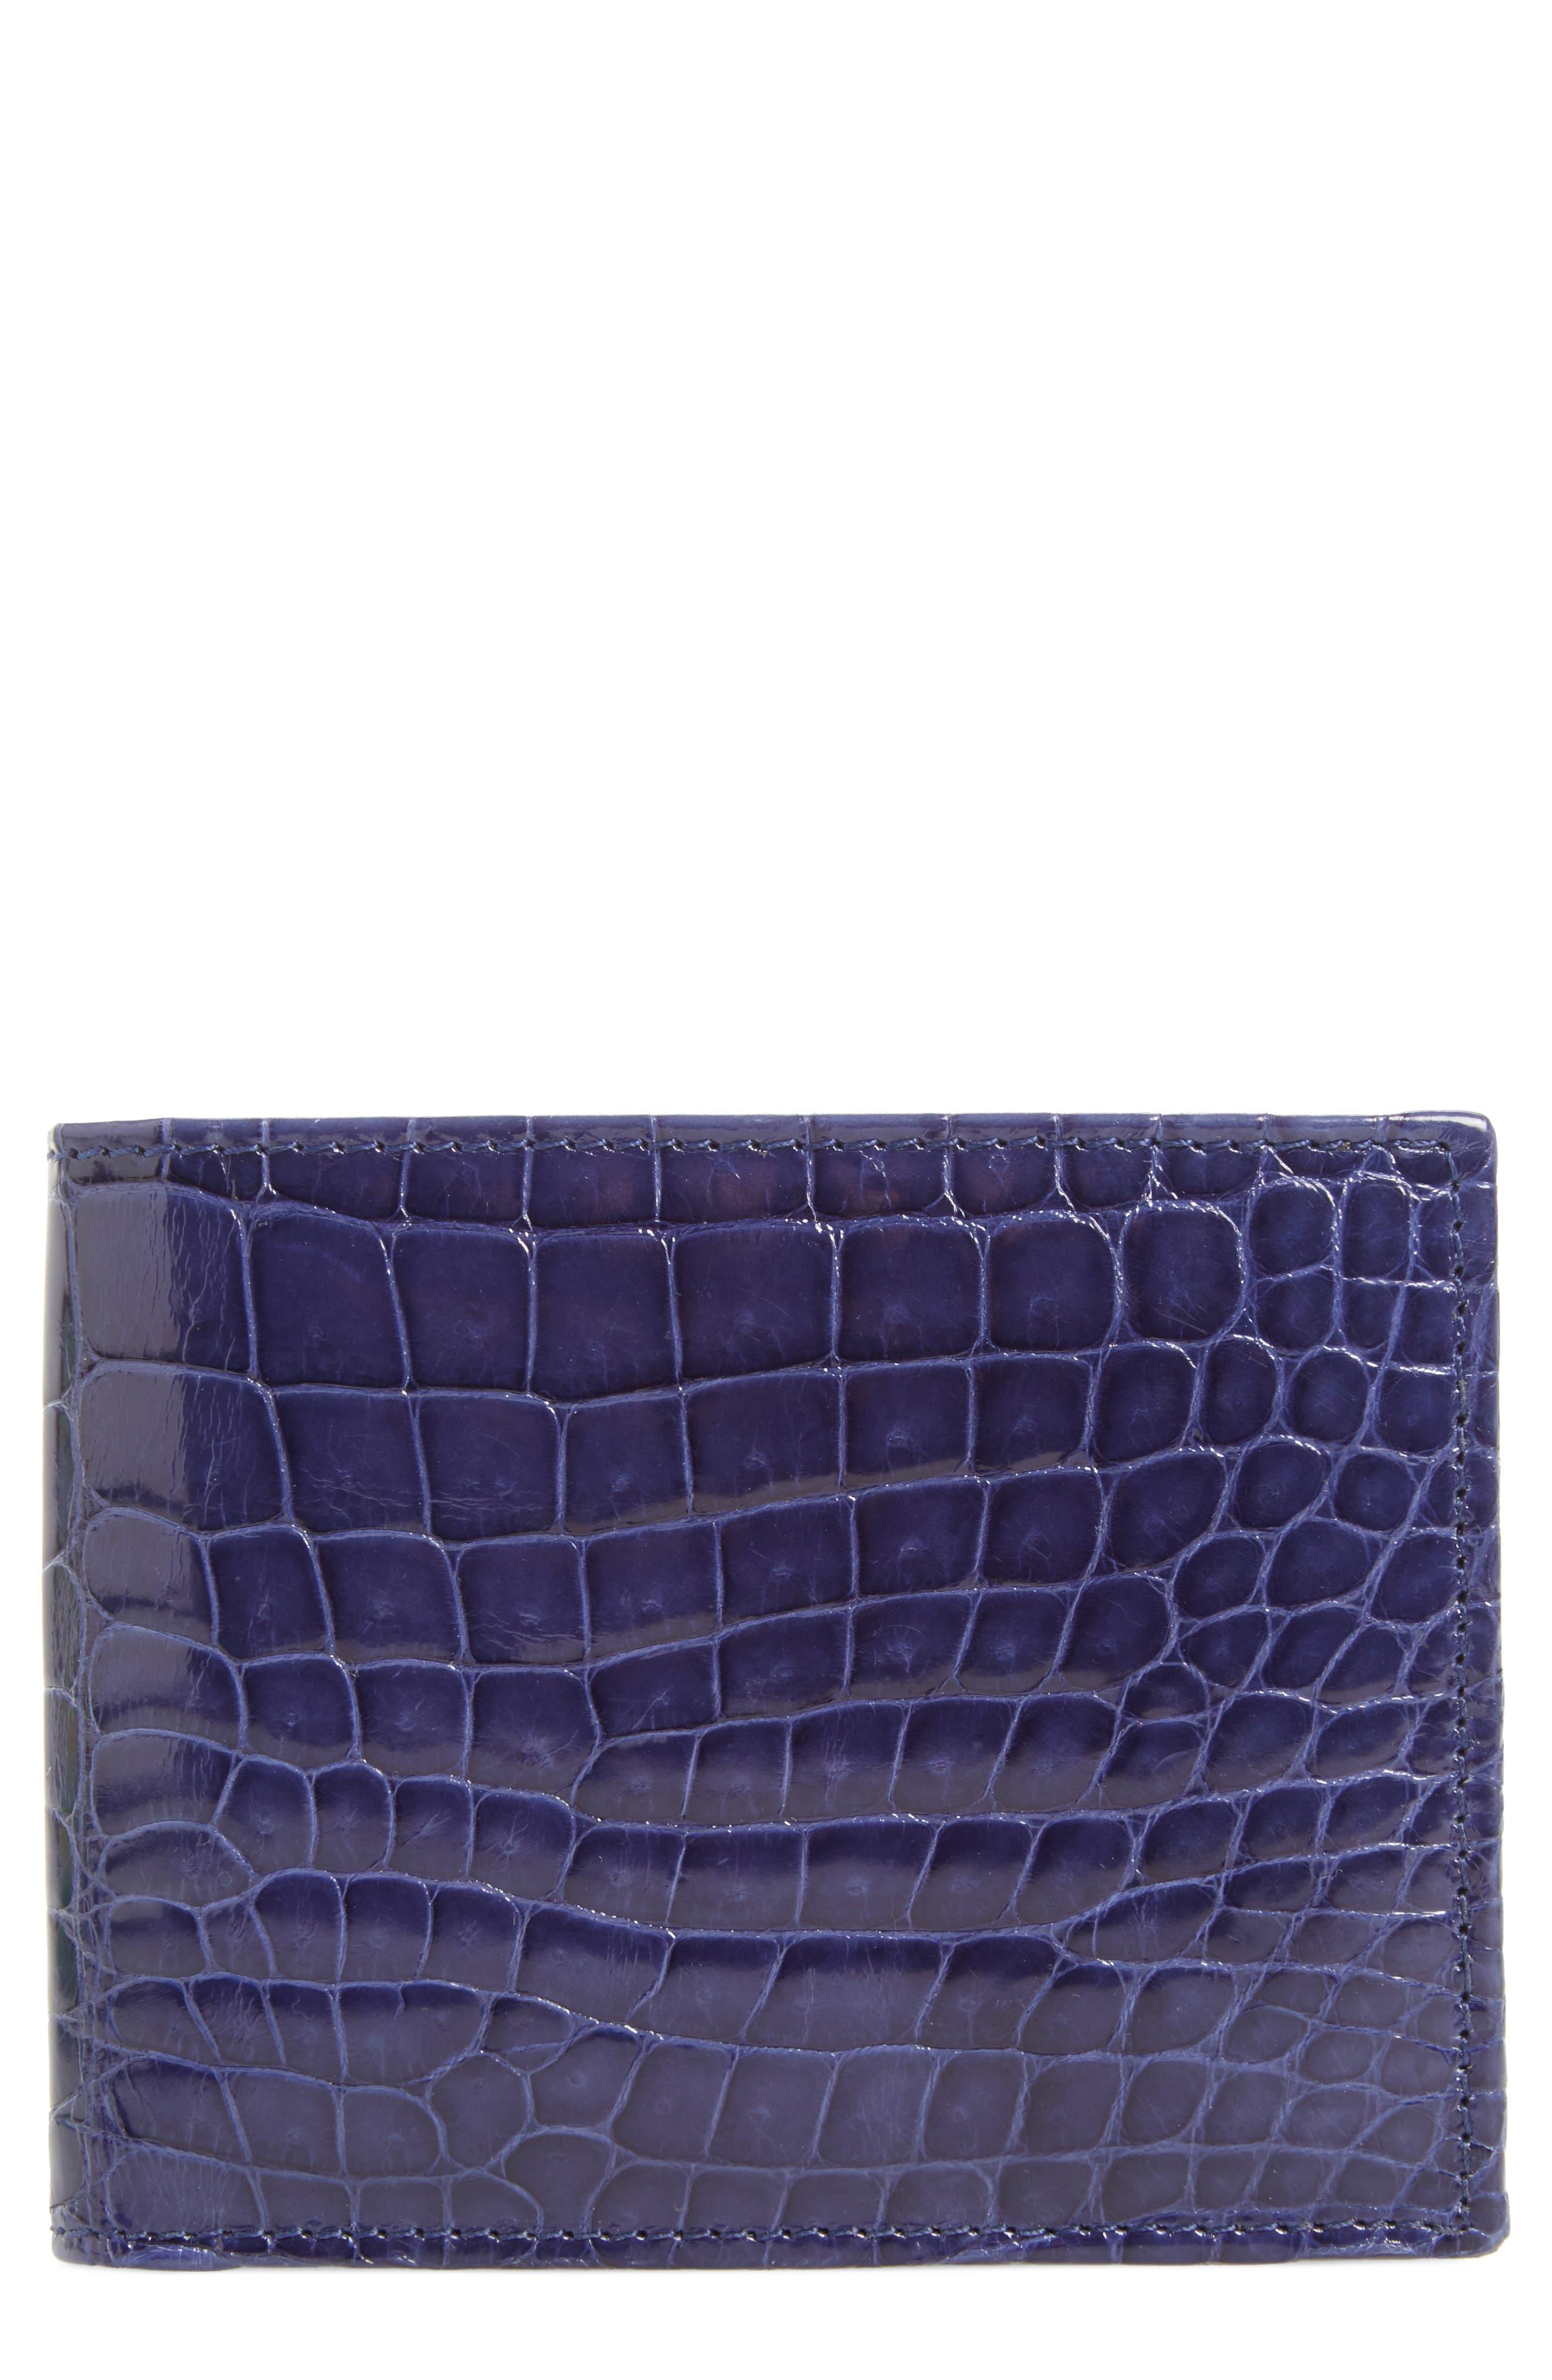 MEZLAN Alligator Leather Bifold Wallet, Main, color, JEANS